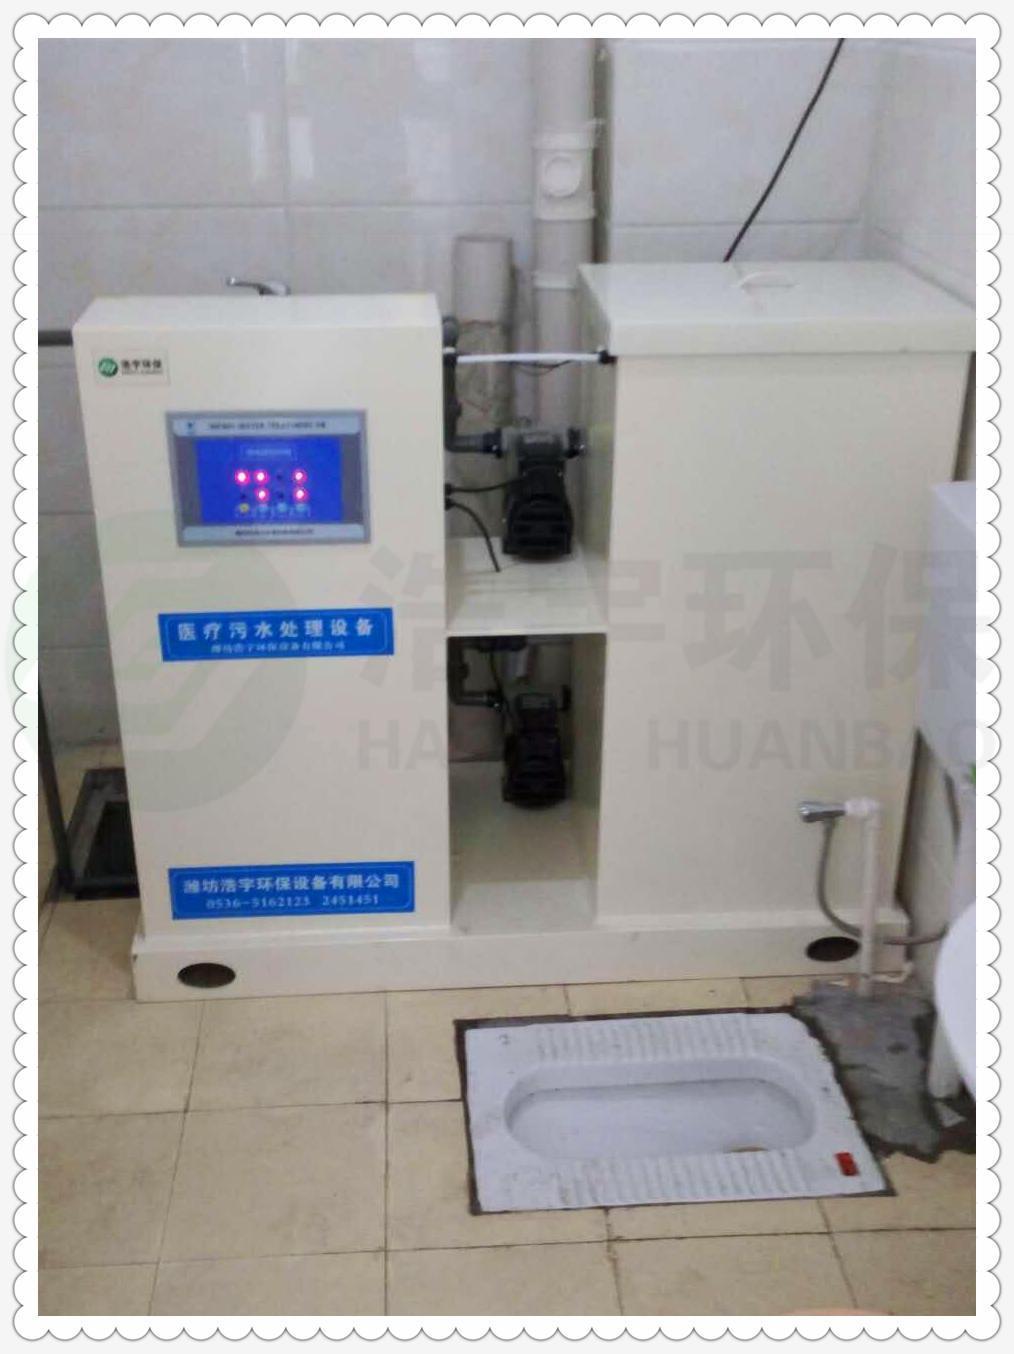 医疗化验室污水处理设备 <br> 全新  价格:18000 <br> <img src=http://k.kqzp.cn/img/up/img/5d7224e5a5d24.jpg width=150 >